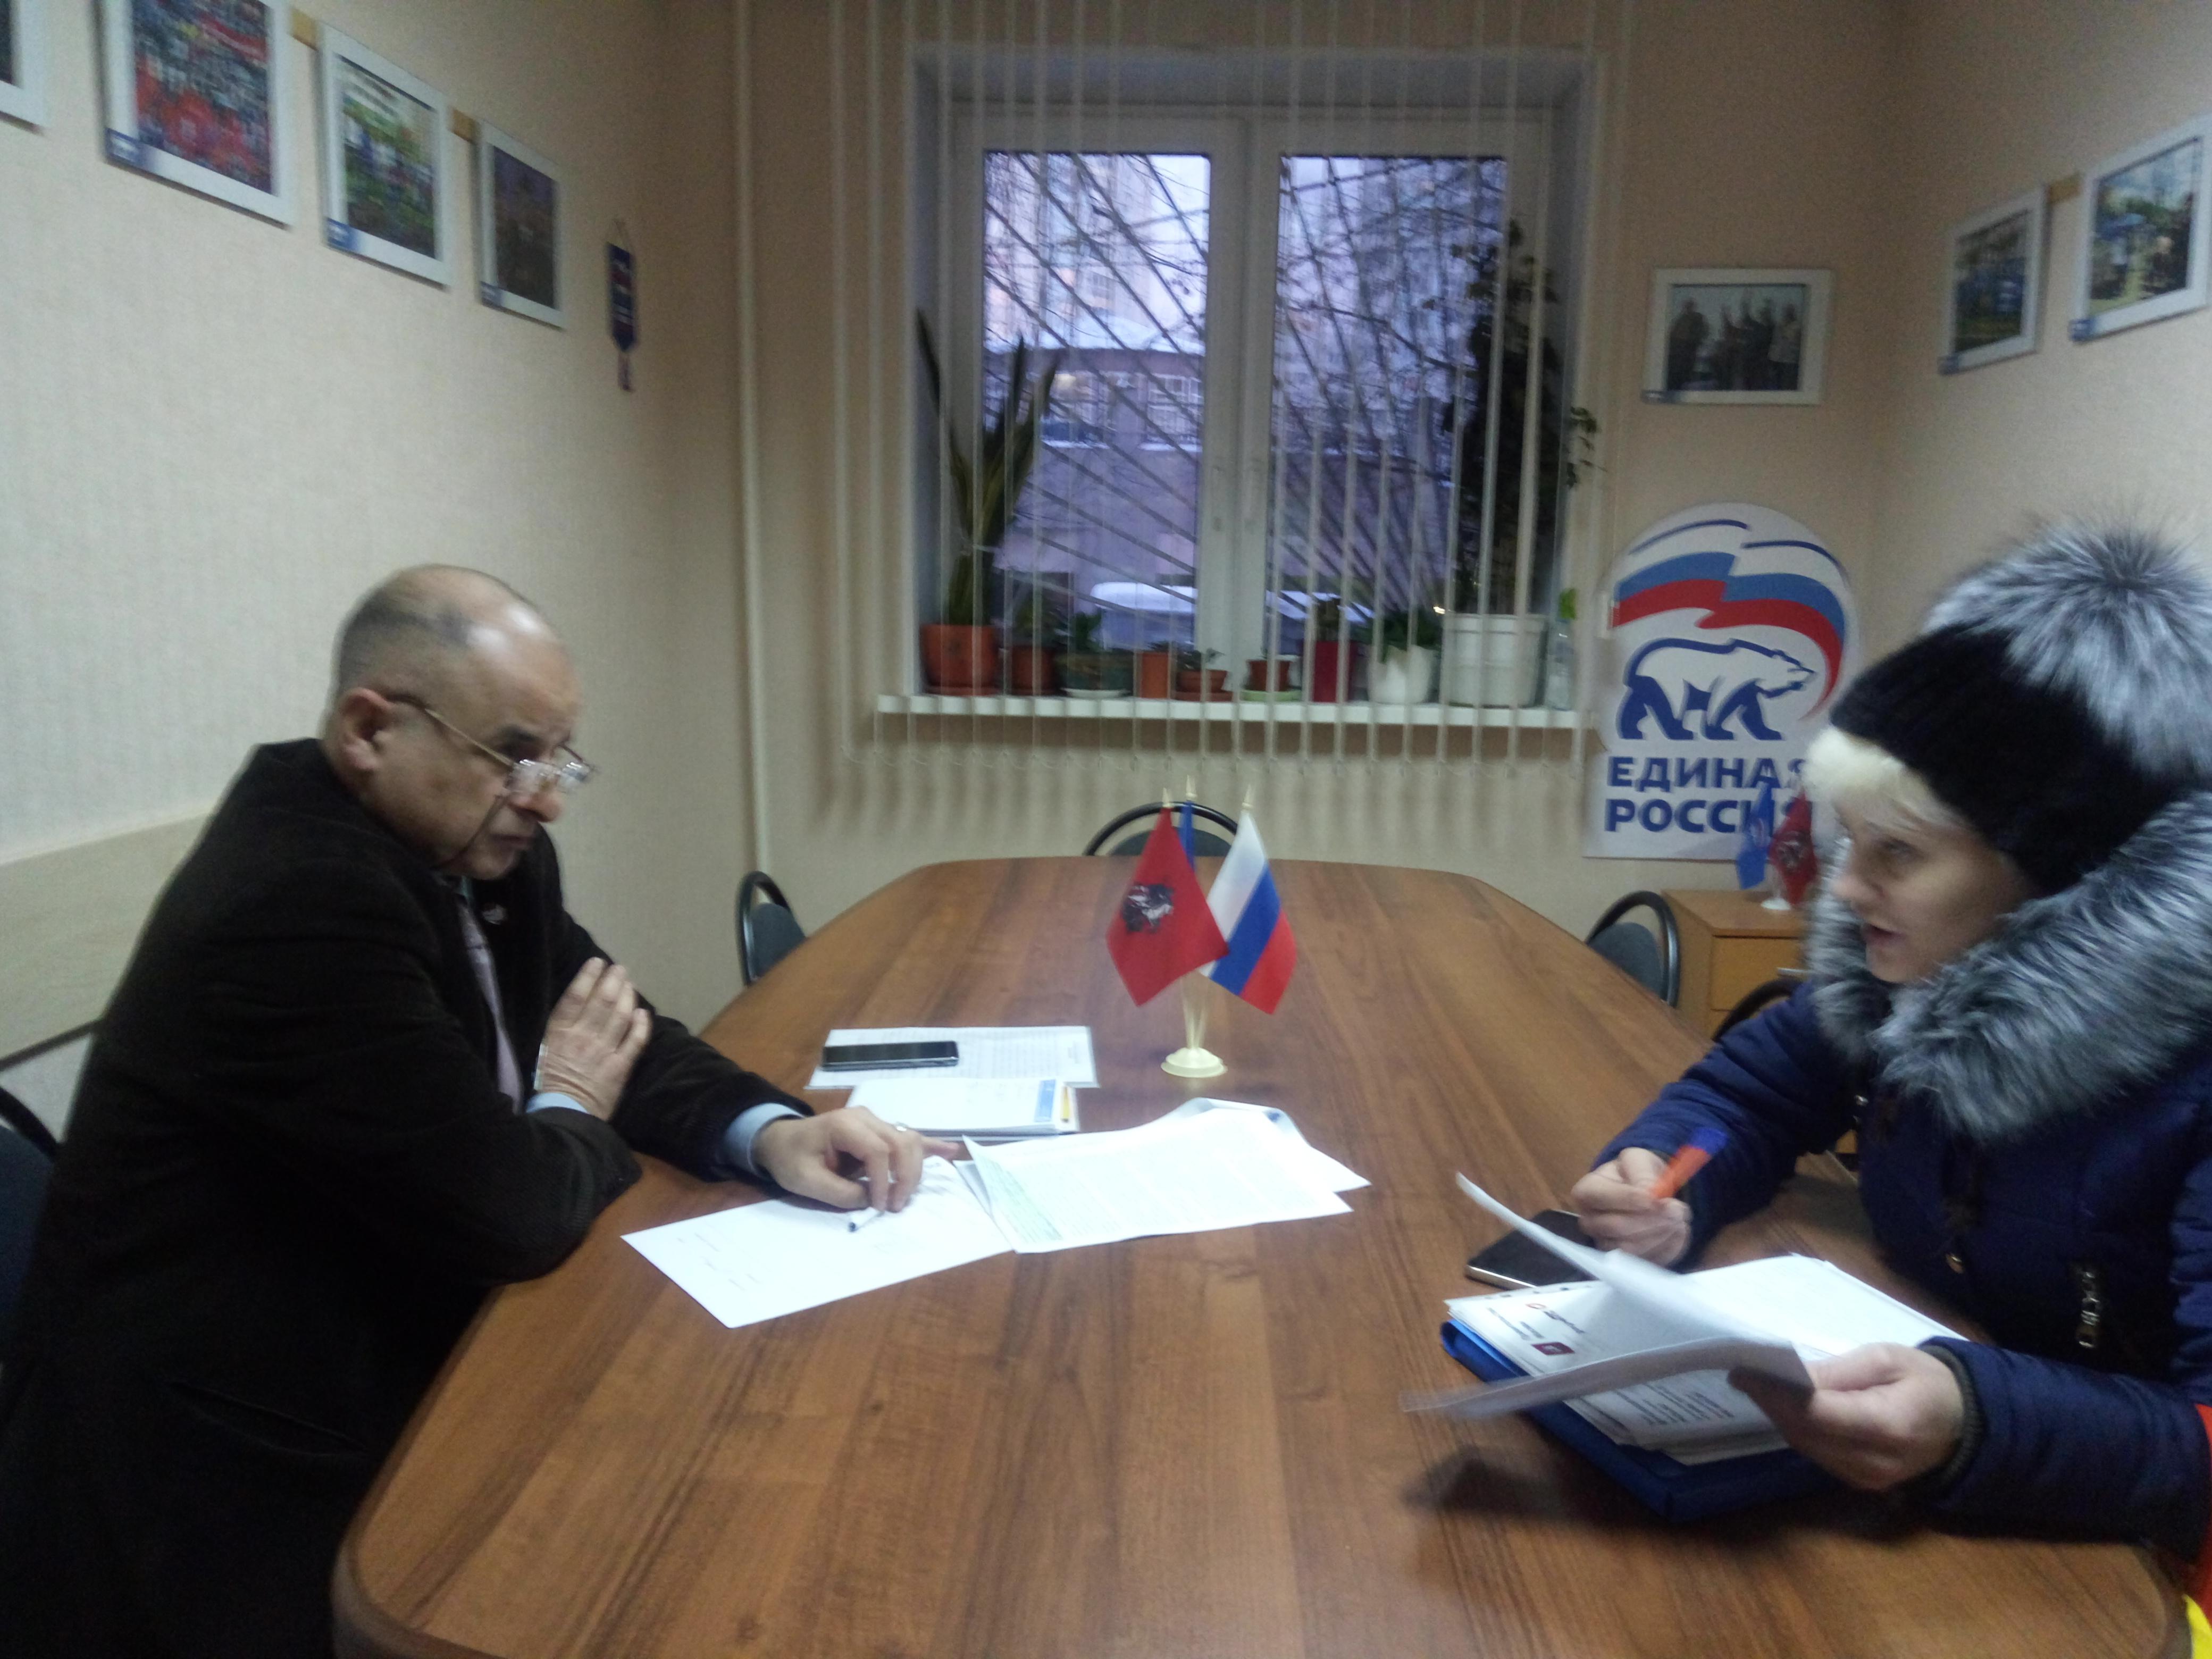 единая россия консультации юриста